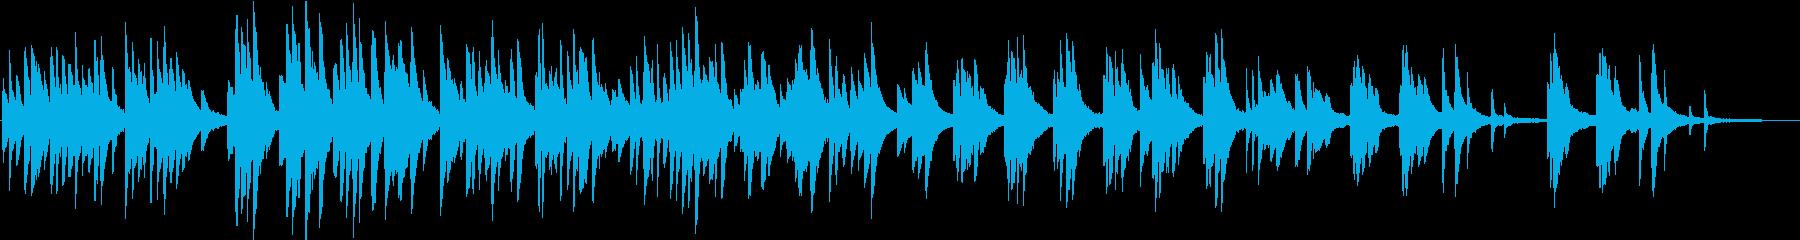 ピアノの優しい曲の再生済みの波形